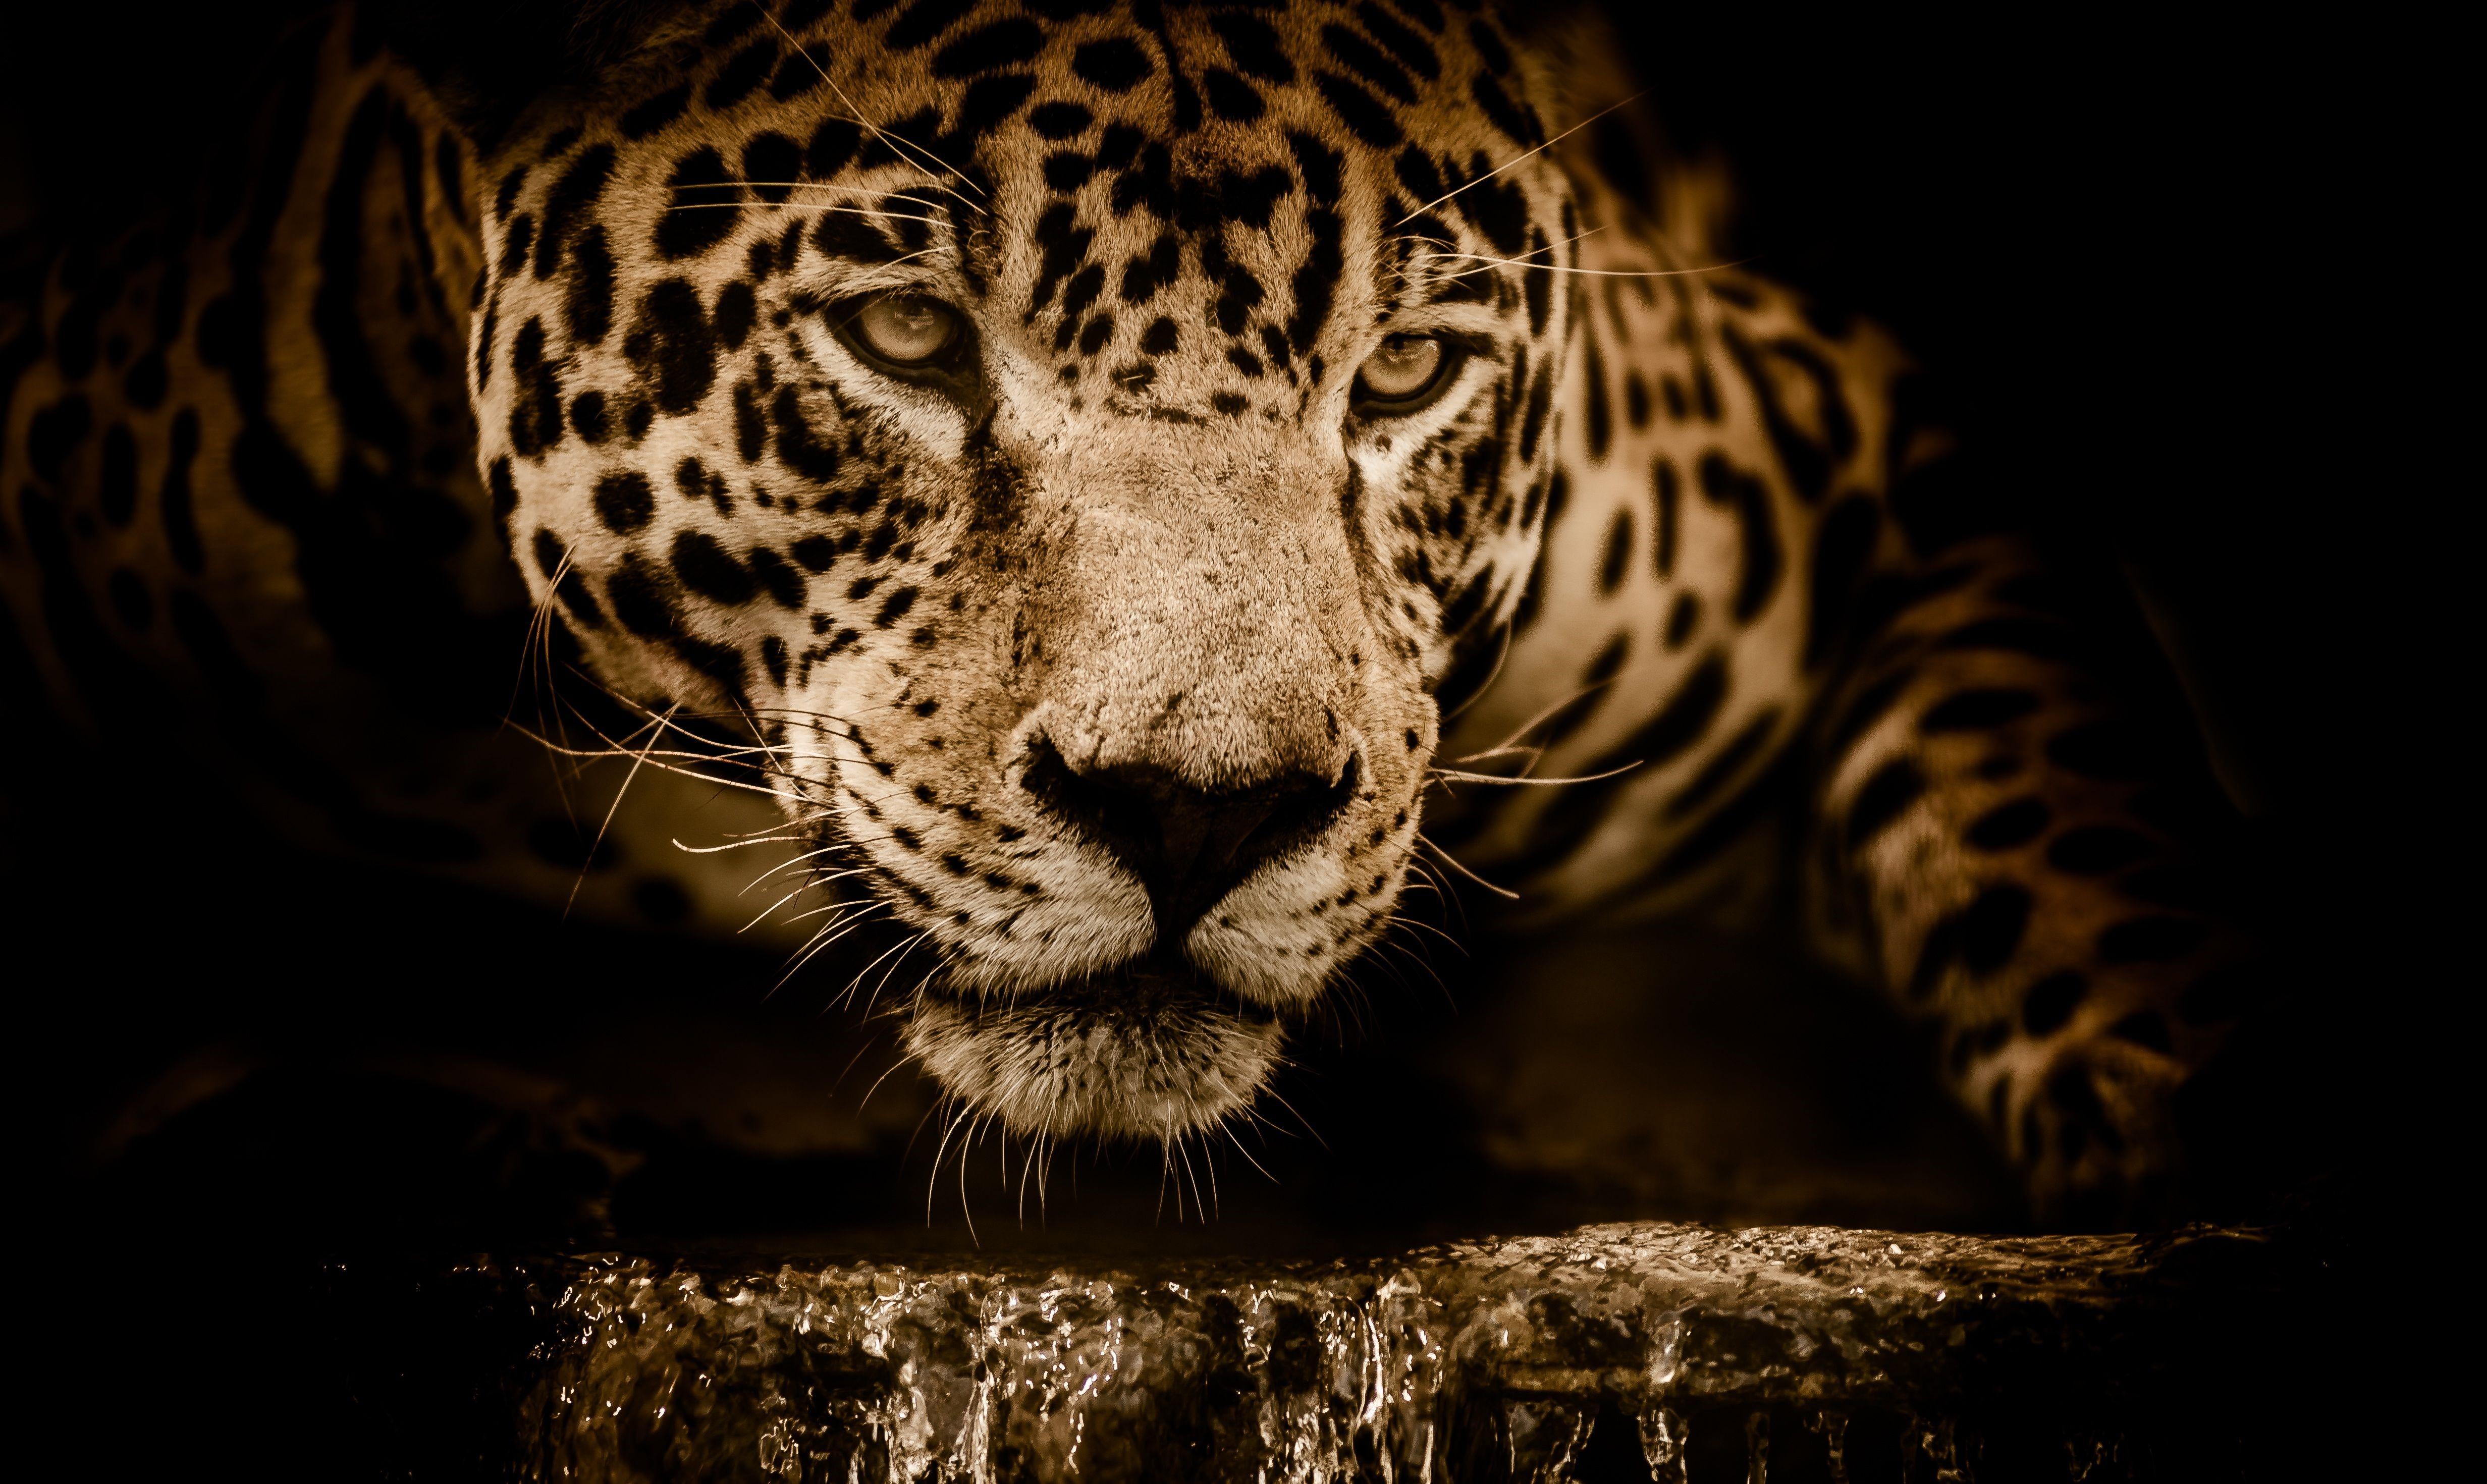 Jaguar UHD Wallpapers